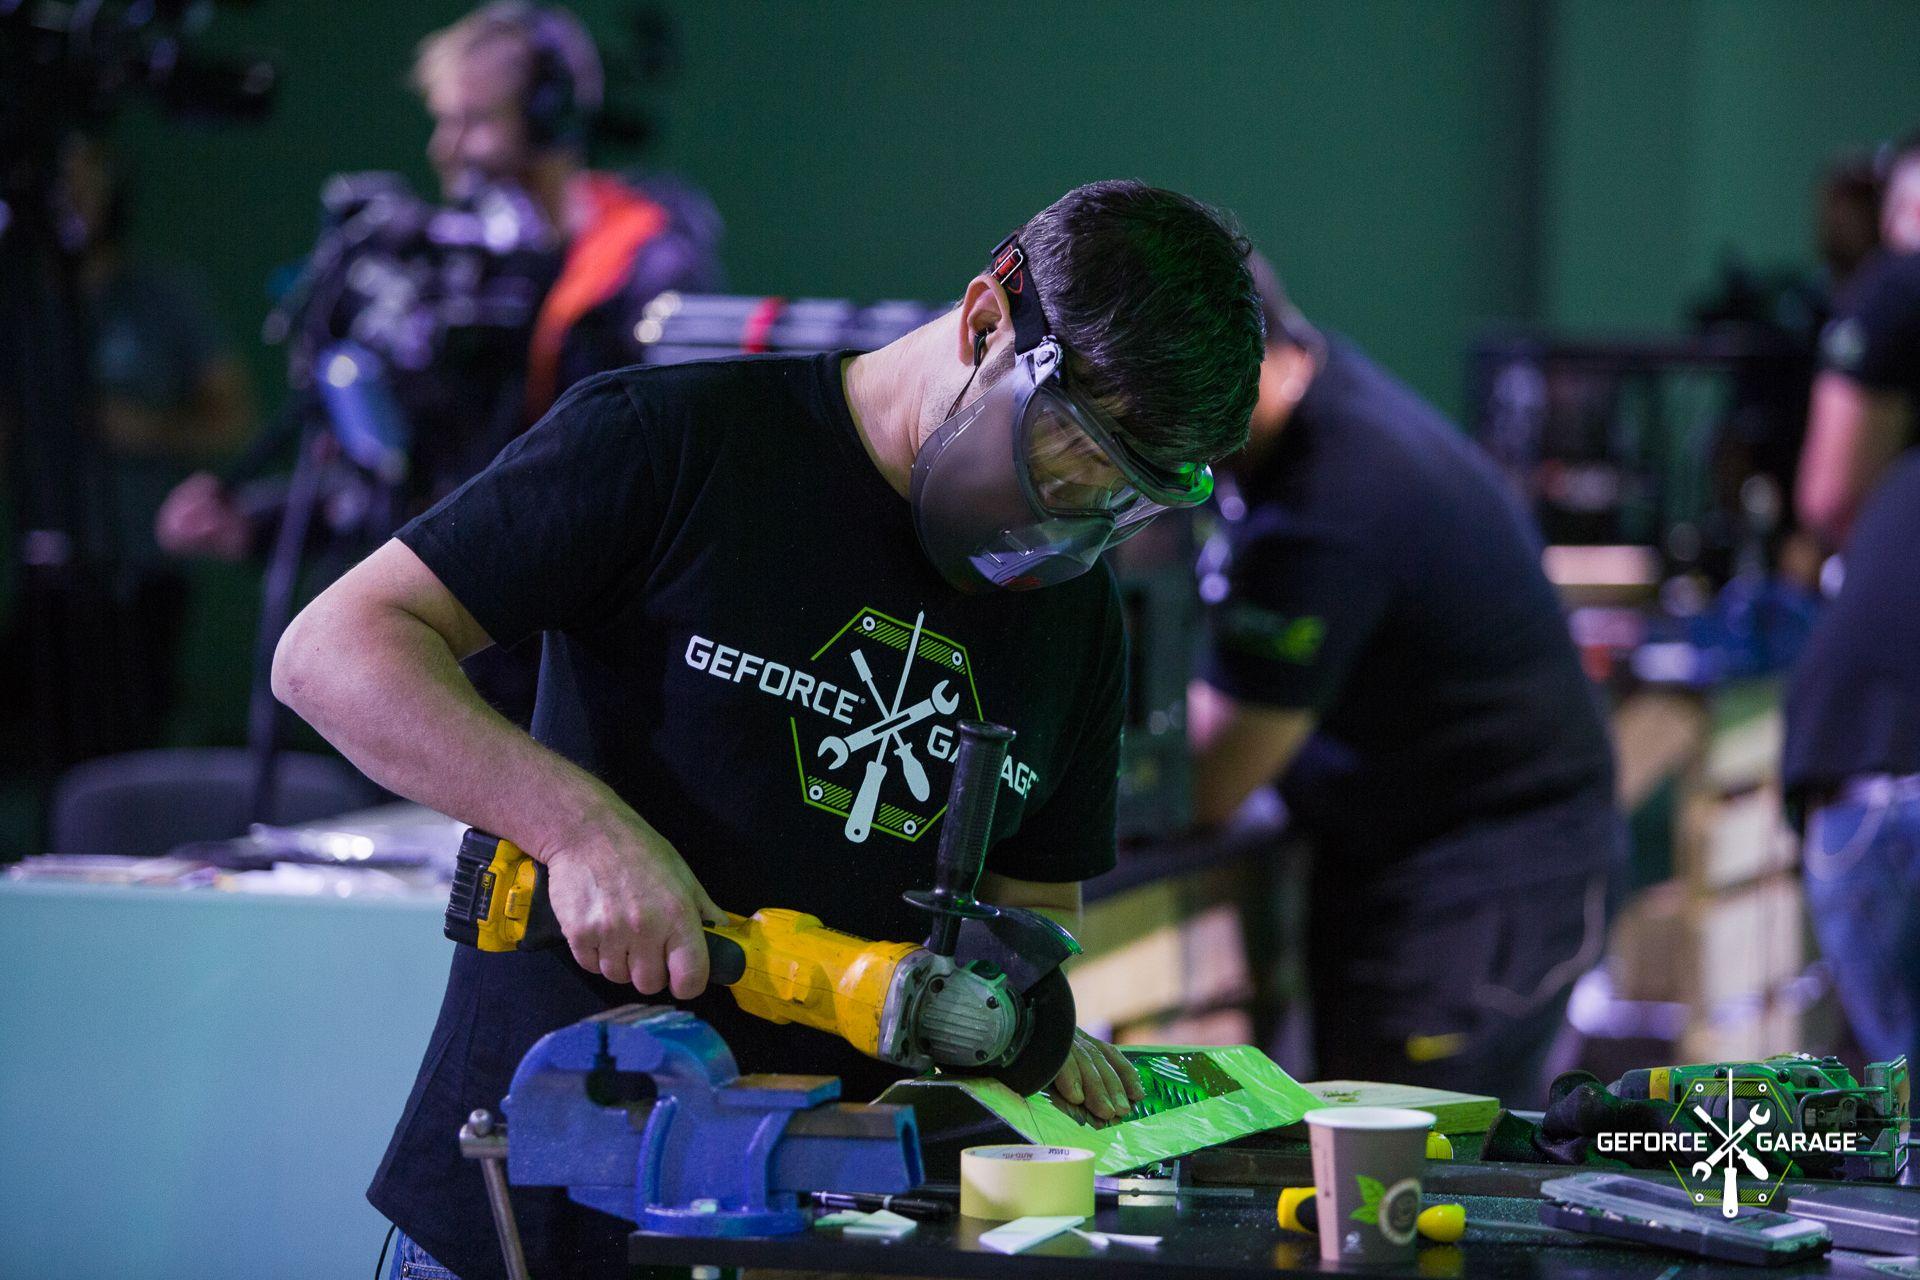 GeForce Garage - zespół z Czech